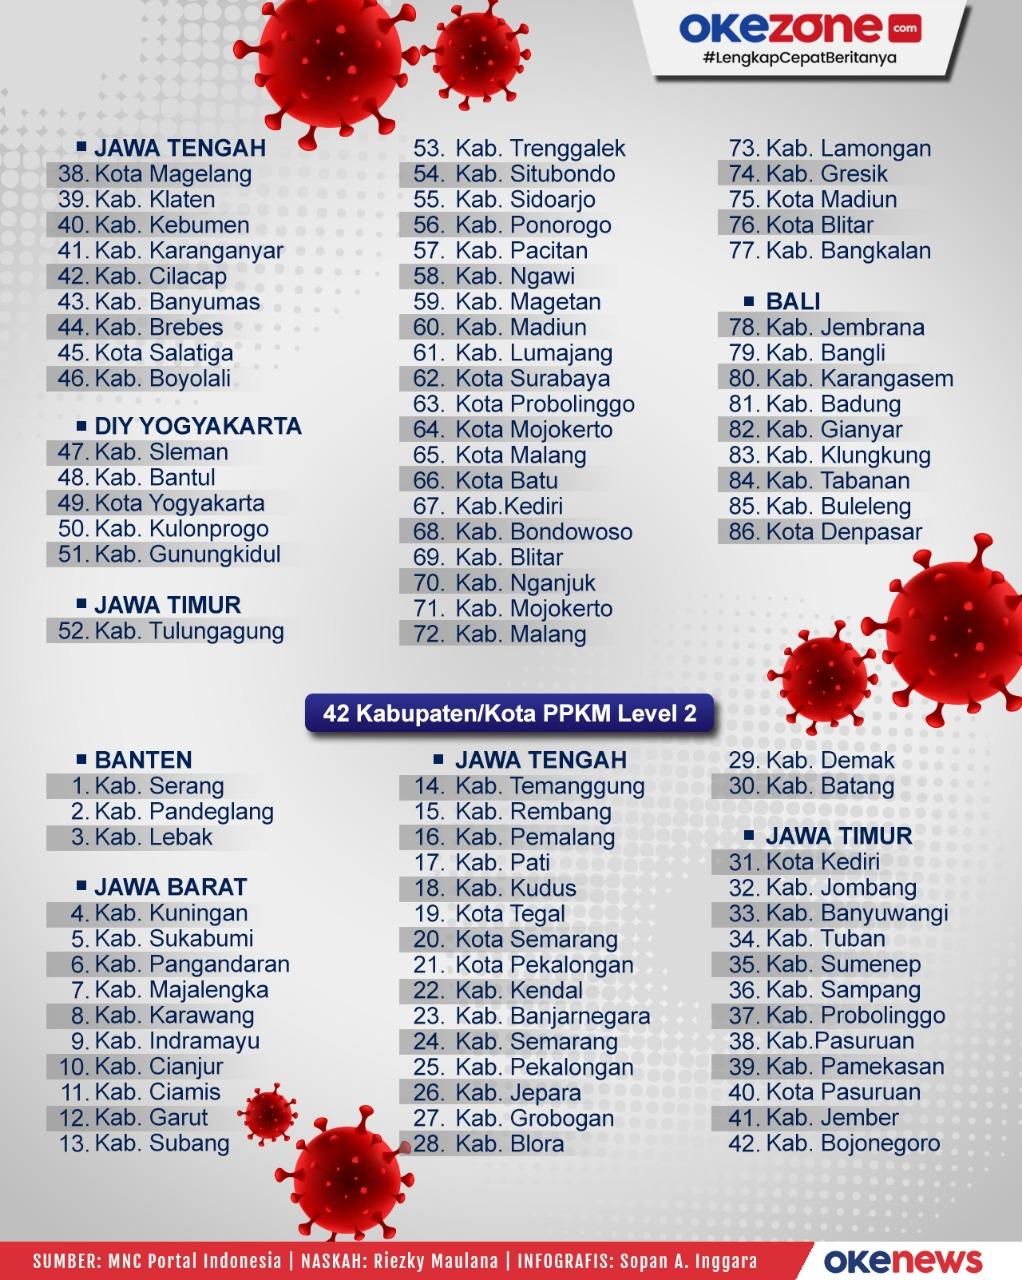 Daftar Wilayah PPKM Level 3 & 2 Jawa - Bali -